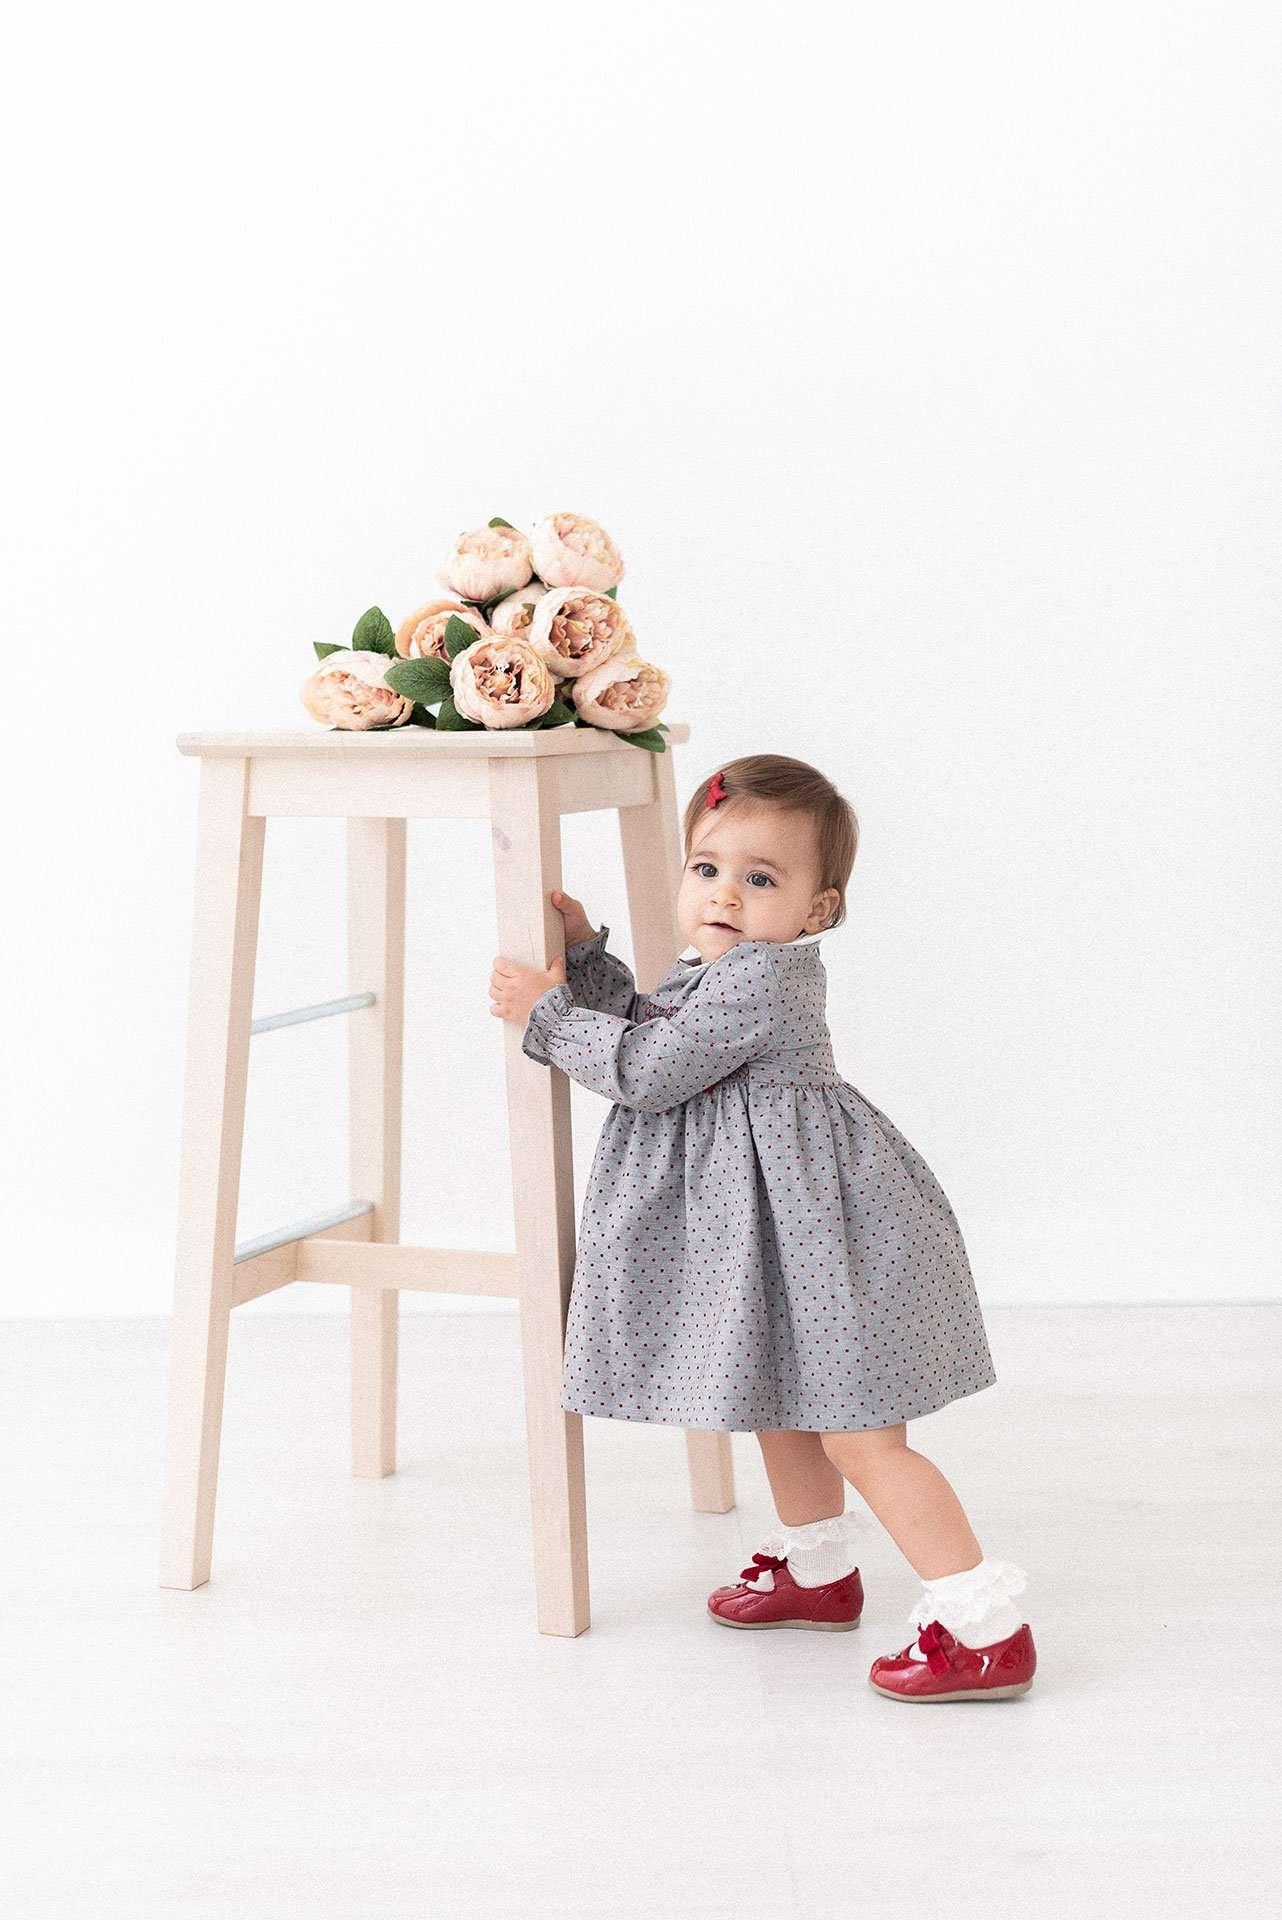 Fotografia bambina con fiori rosa realizzata da Barbara Trincone Fotografo specializzato in Gravidanza, Maternità, Genitorialità, Nascita e Newborn a Napoli